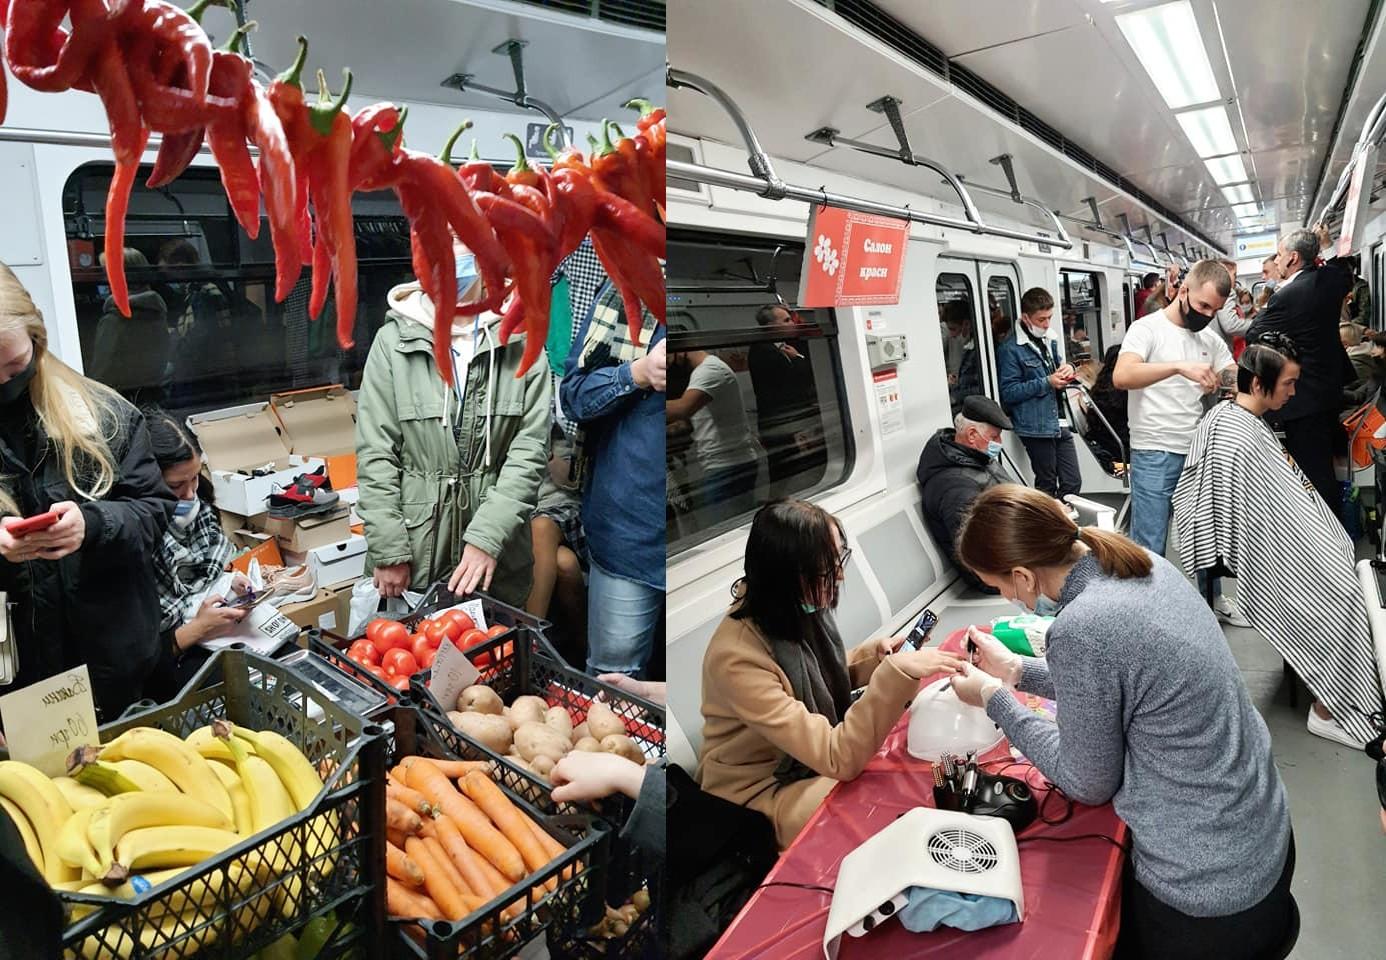 Вагон киевского метро превратили в ТЦ для борьбы с нелегальной торговлей